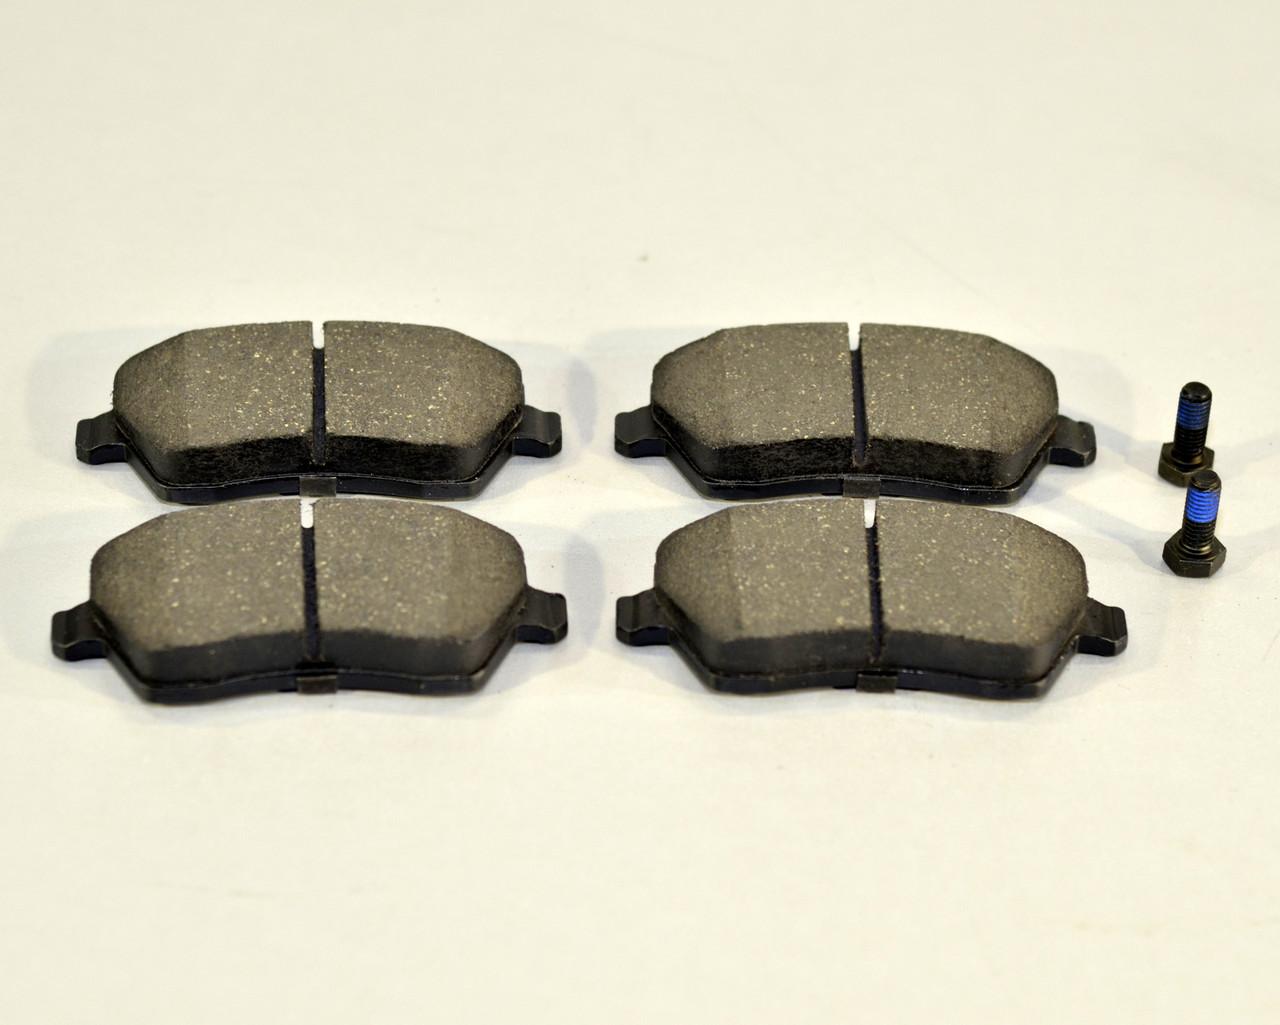 Дисковые тормозные колодки (передние) на Renault Clio III 2005->2012 — LPR - LPR05P867